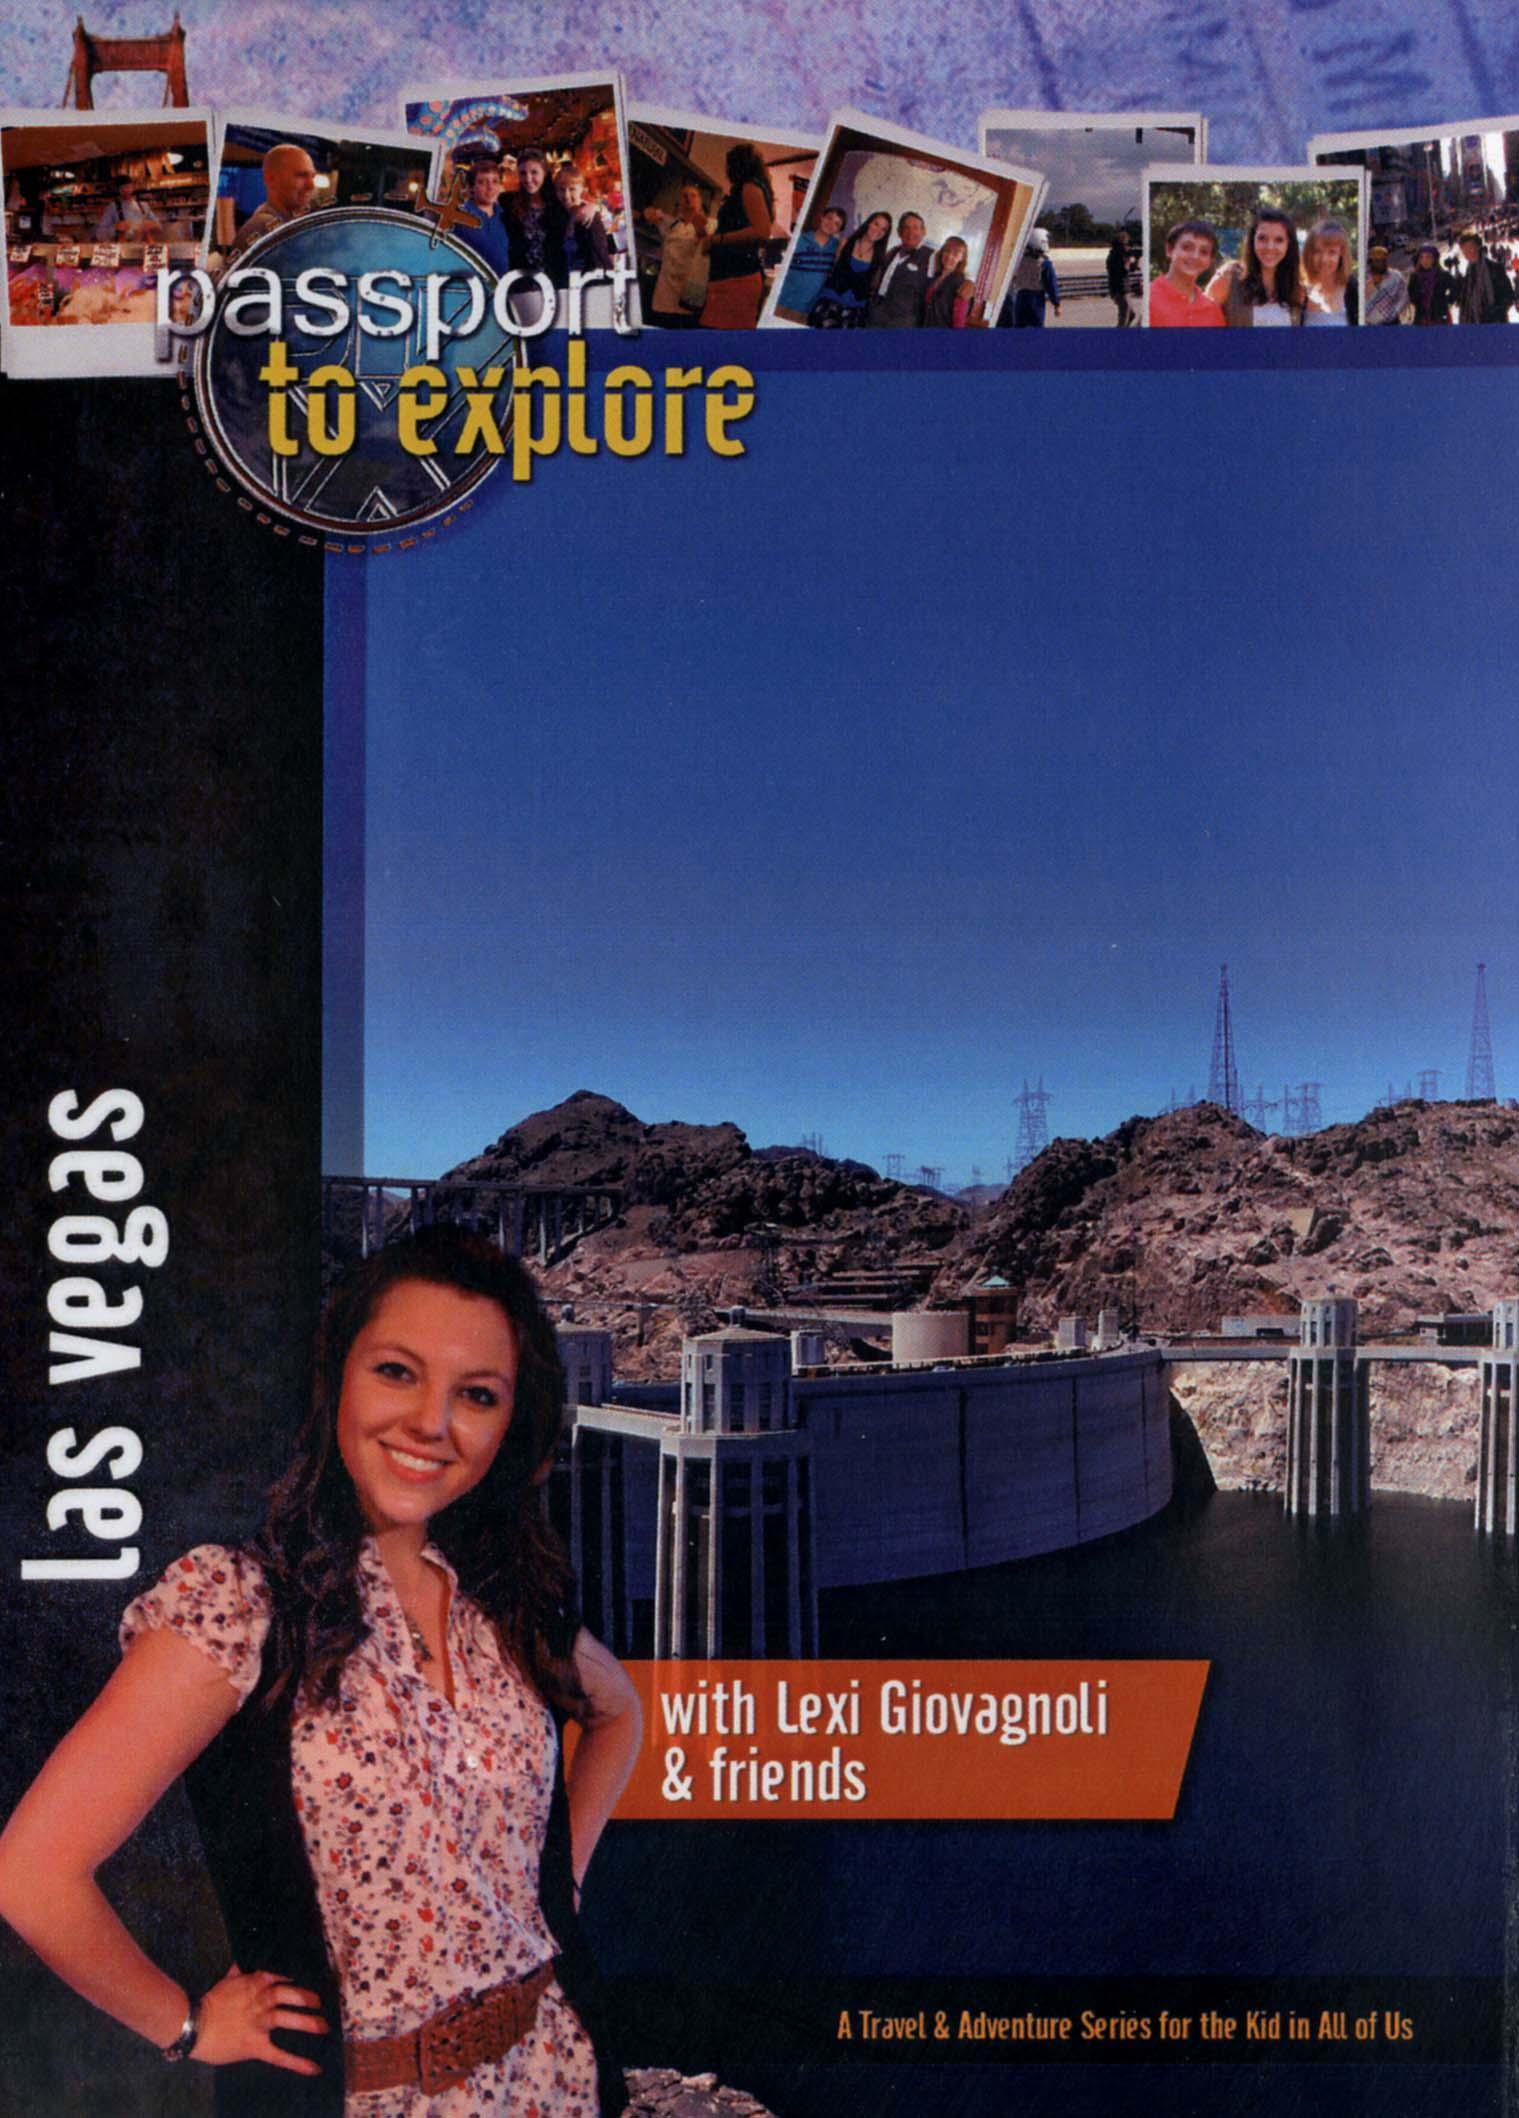 Passport to Explore: Las Vegas